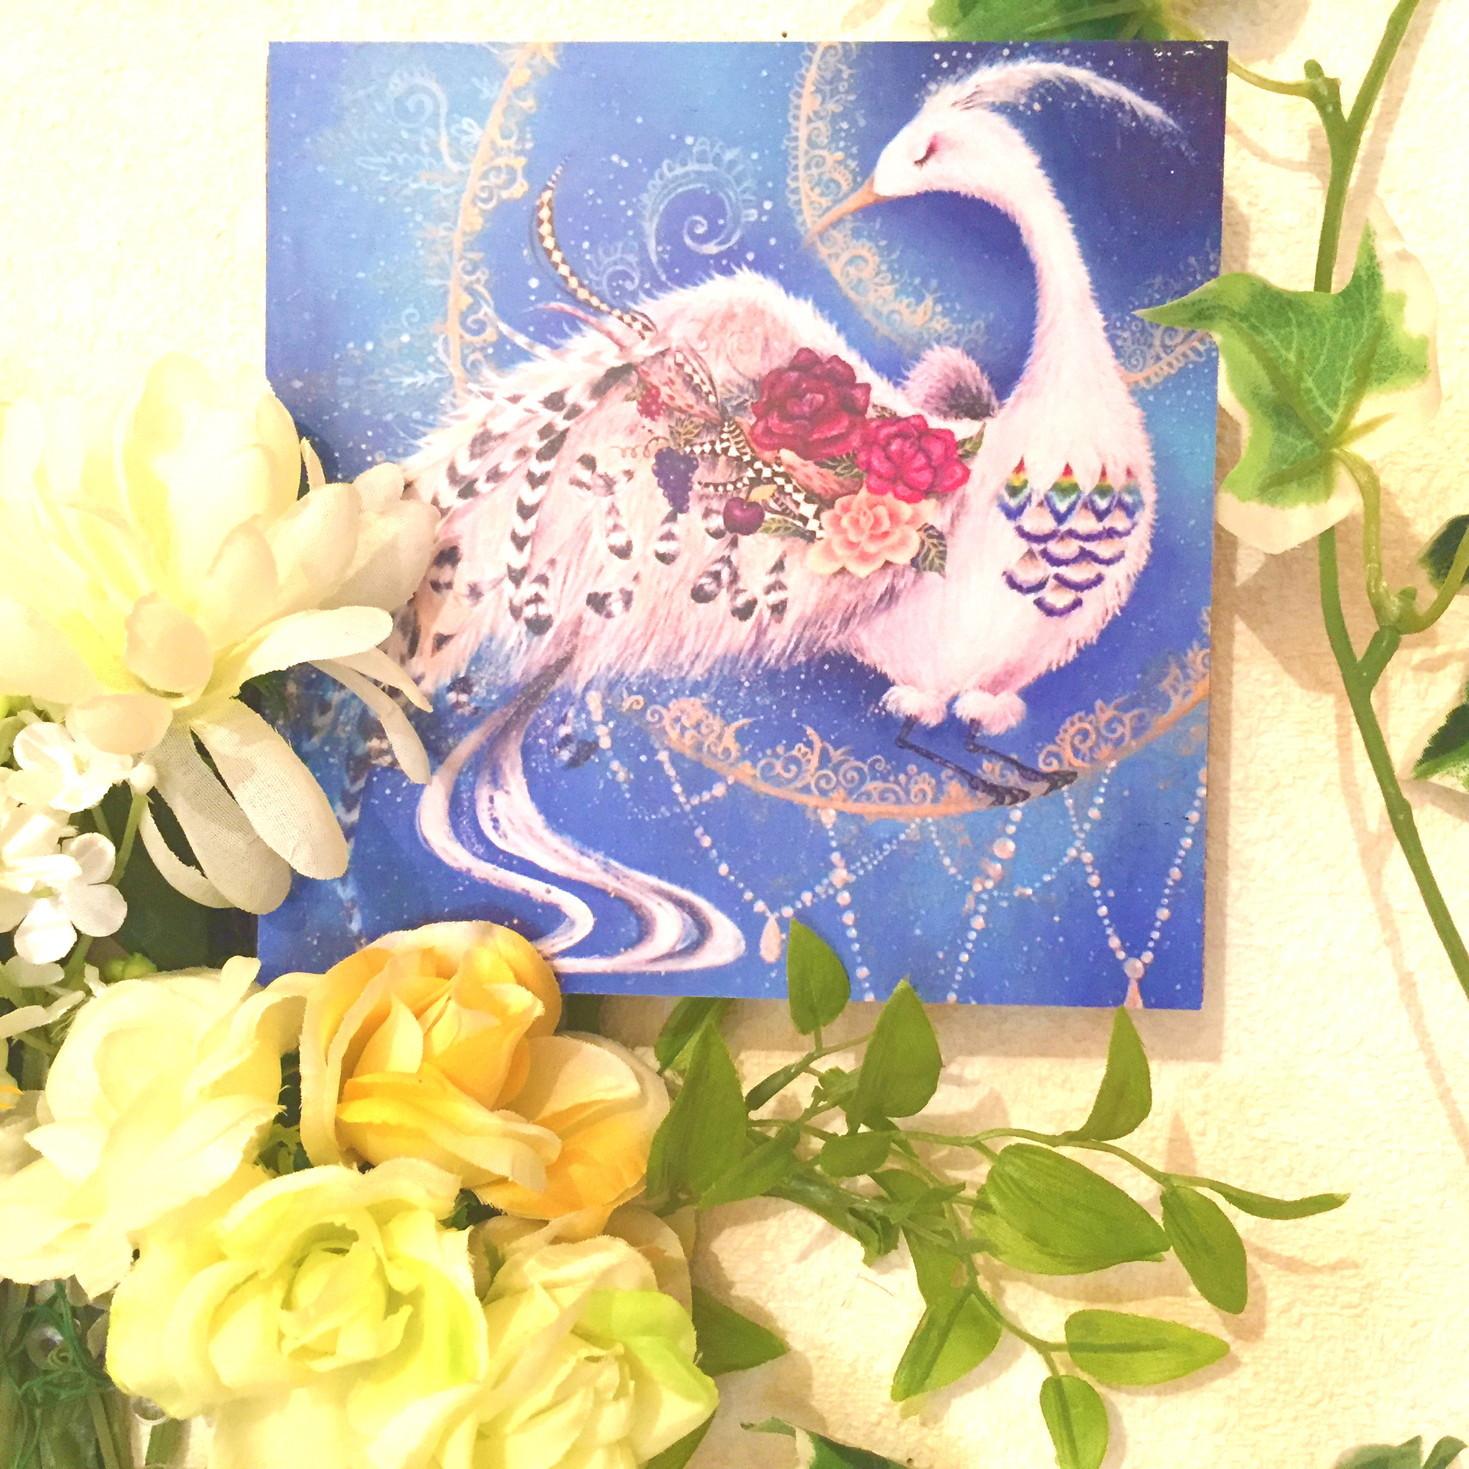 絵画 絵 ピクチャー 縁起画 モダン シェアハウス アートパネル アート art 14cm×14cm 一人暮らし 送料無料 インテリア 雑貨 壁掛け 置物 おしゃれ 白鳥 動物 アニマル 油絵 ロココロ 画家 : 黒野 祥絵 作品 : 鳥